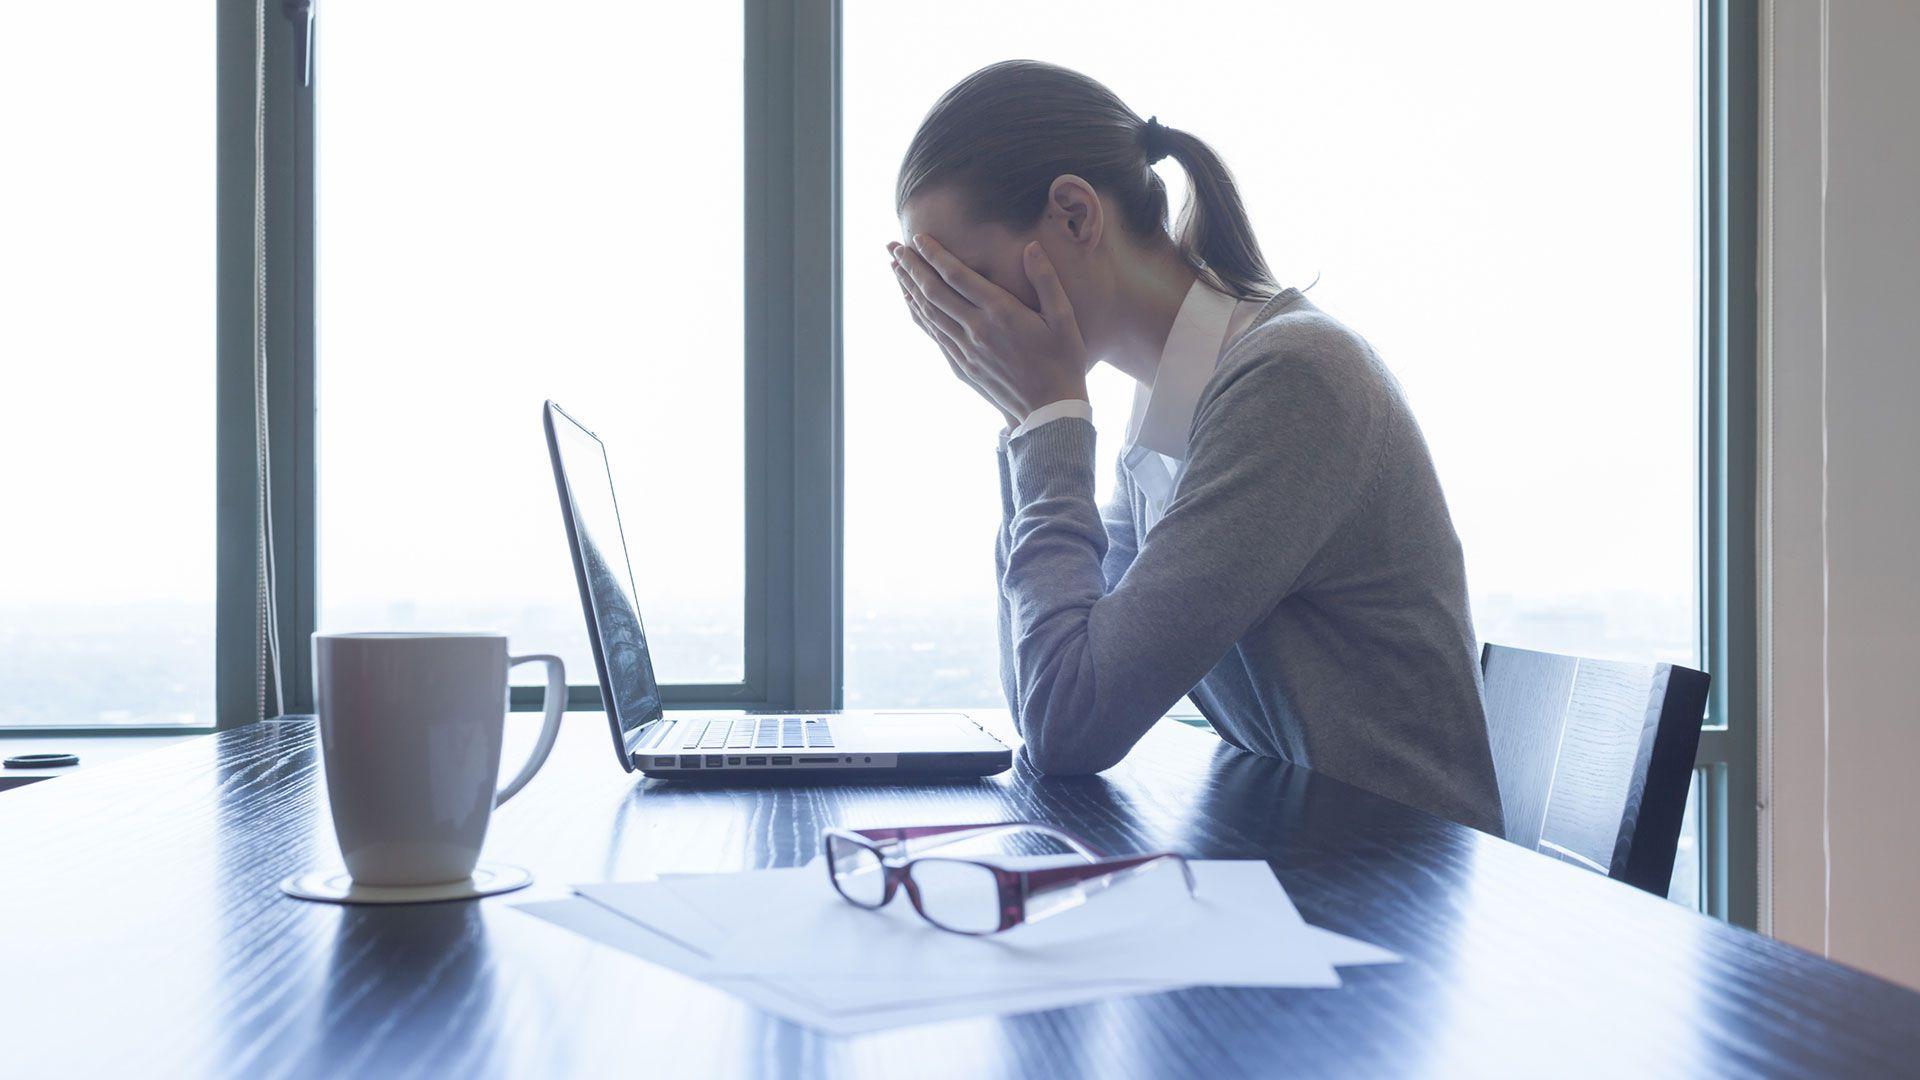 Los trastornos del estado de ánimo y de ansiedad constituyen los motivos más frecuentes de consulta psiquiátrica